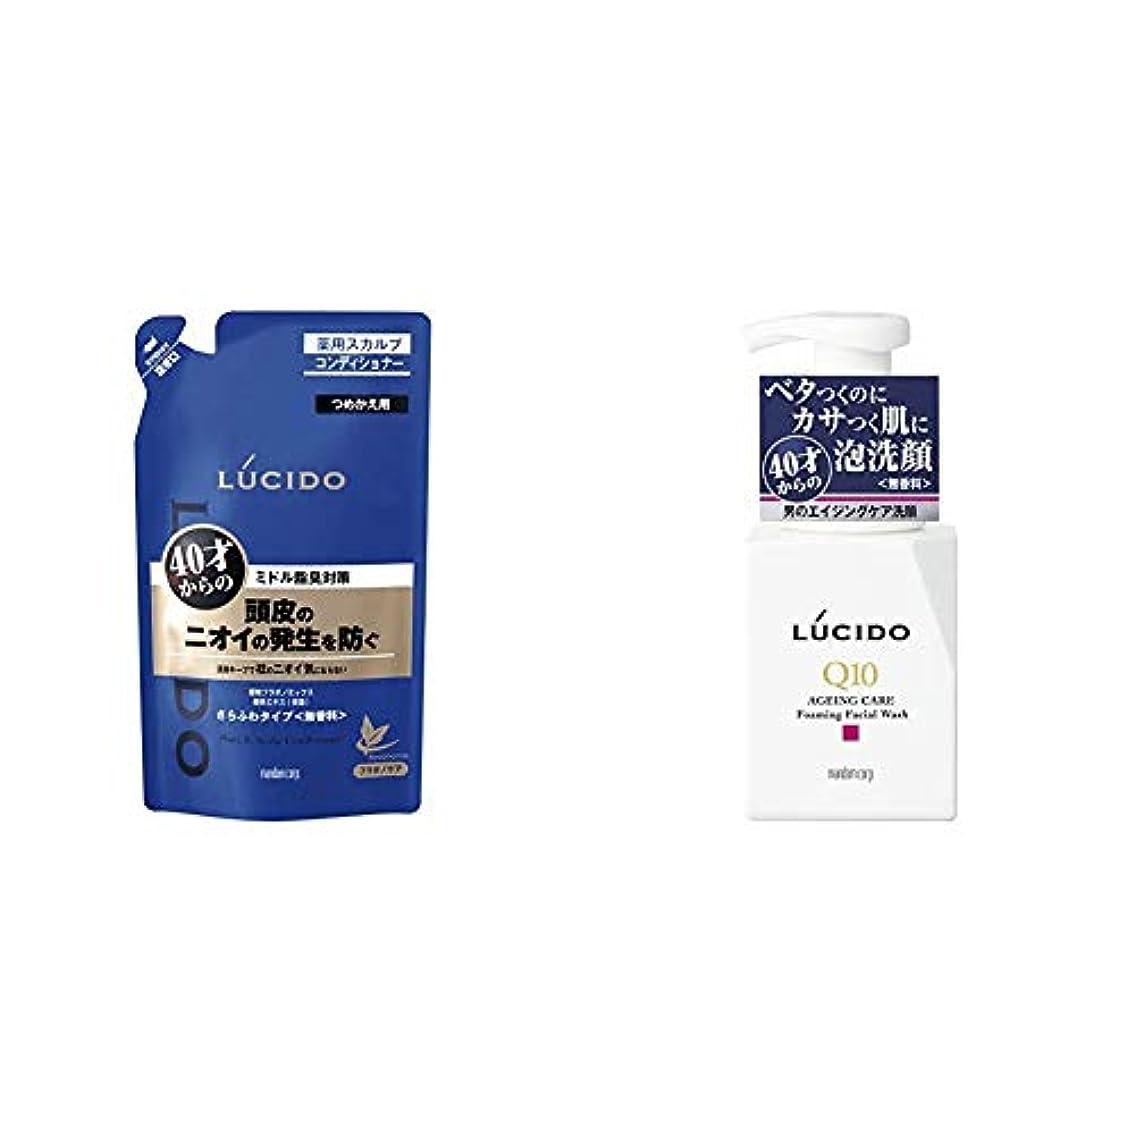 敬意コンパイルレプリカルシード 薬用ヘア&スカルプコンディショナー つめかえ用 380g(医薬部外品) & LUCIDO(ルシード) トータルケア泡洗顔 Q10 150mL